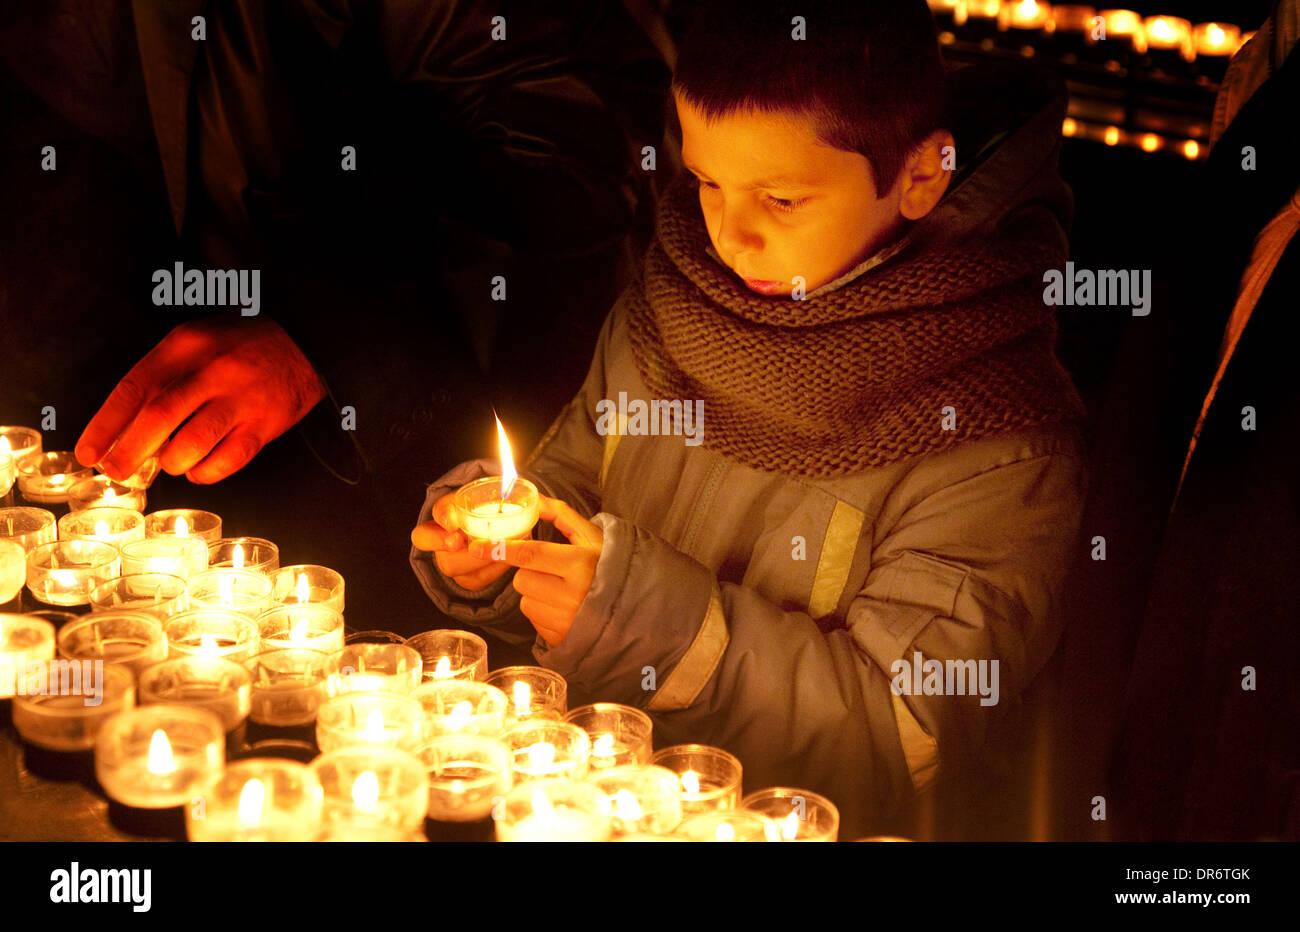 Bambino accendere una candela, Cattedrale di Colonia - Concetto di bambini e Religione / Cristianesimo, Colonia ( Koln ), Germania Europa Immagini Stock